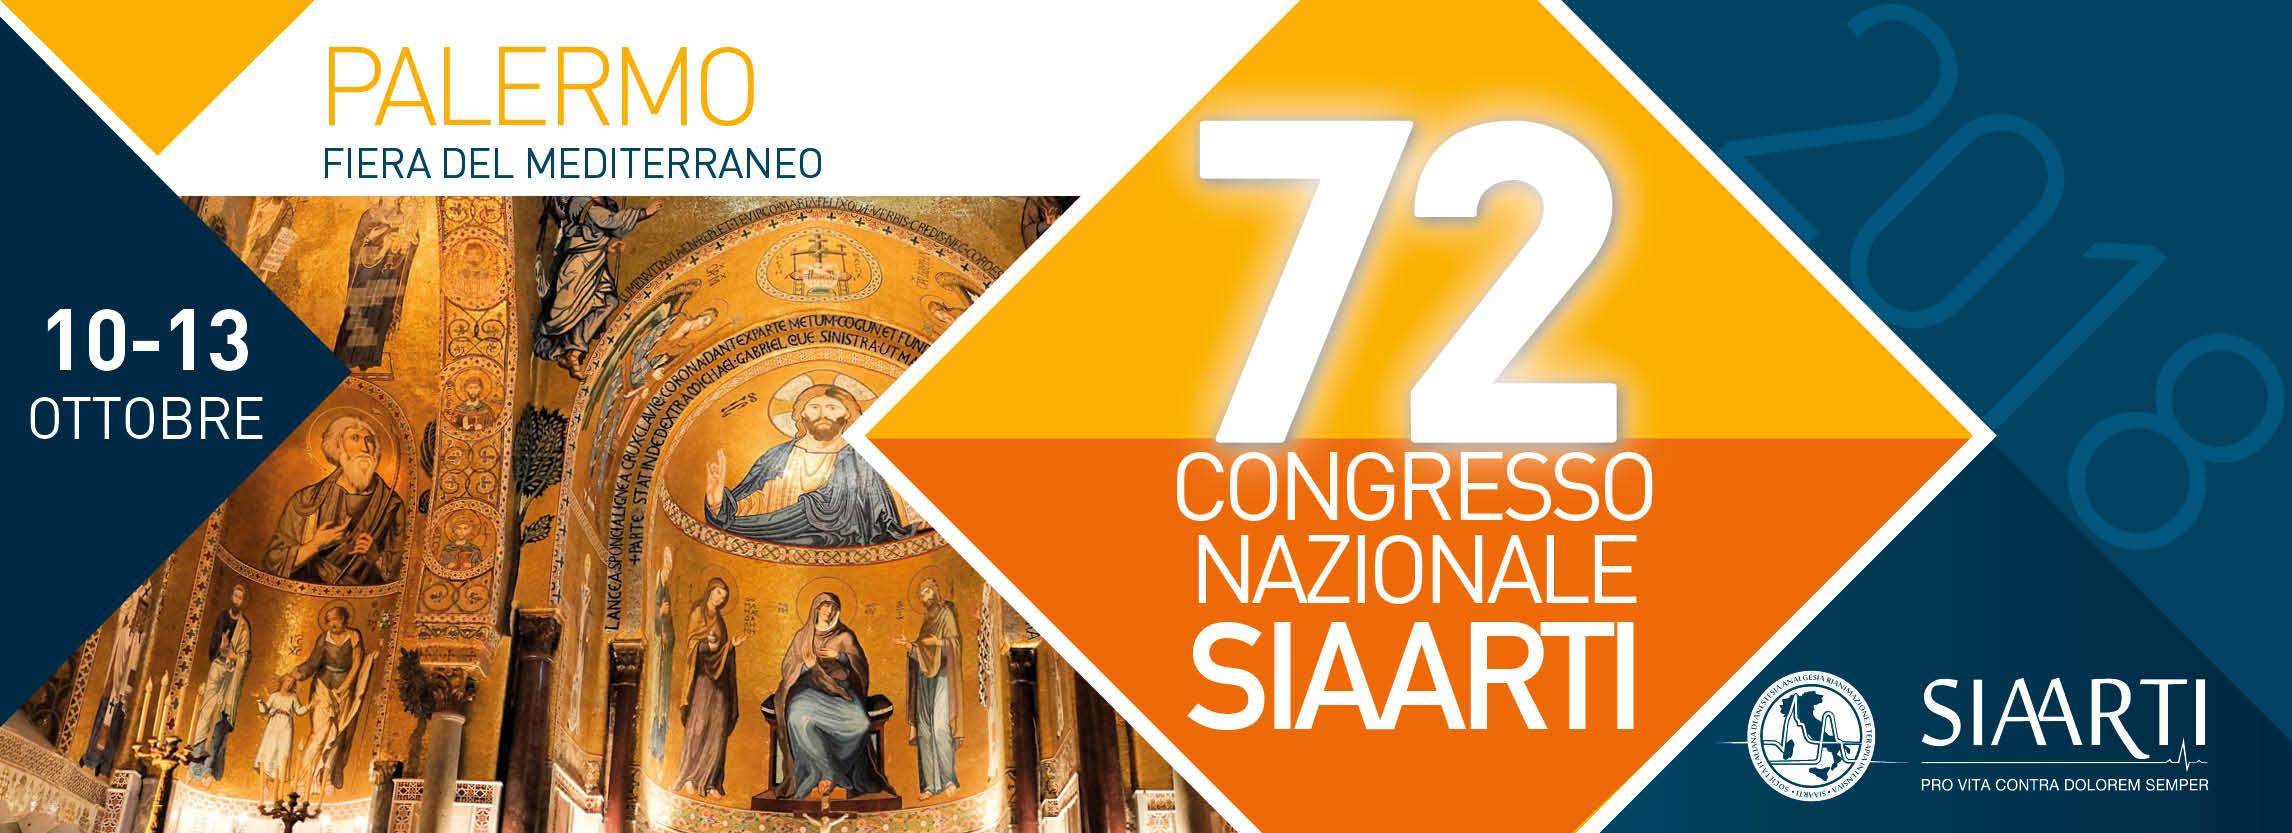 72° CONGRESSO NAZIONALE SIAARTI – PALERMO 11-13 OTTOBRE 2018